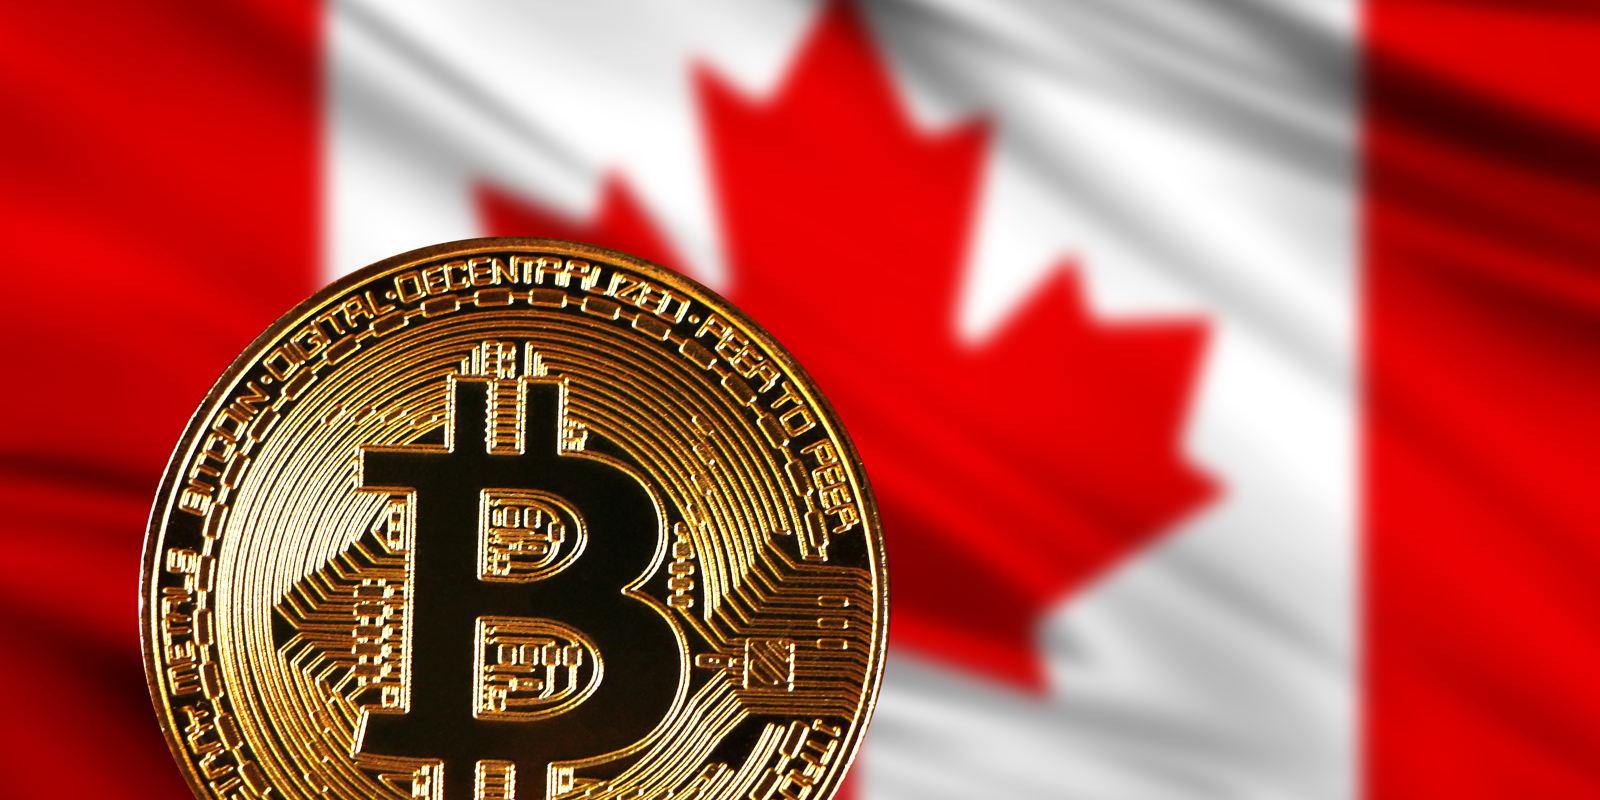 بانک مرکزی کانادا: سرمایهگذاری در ارزهای دیجیتال به سیستم مالی کشور آسیب می زند